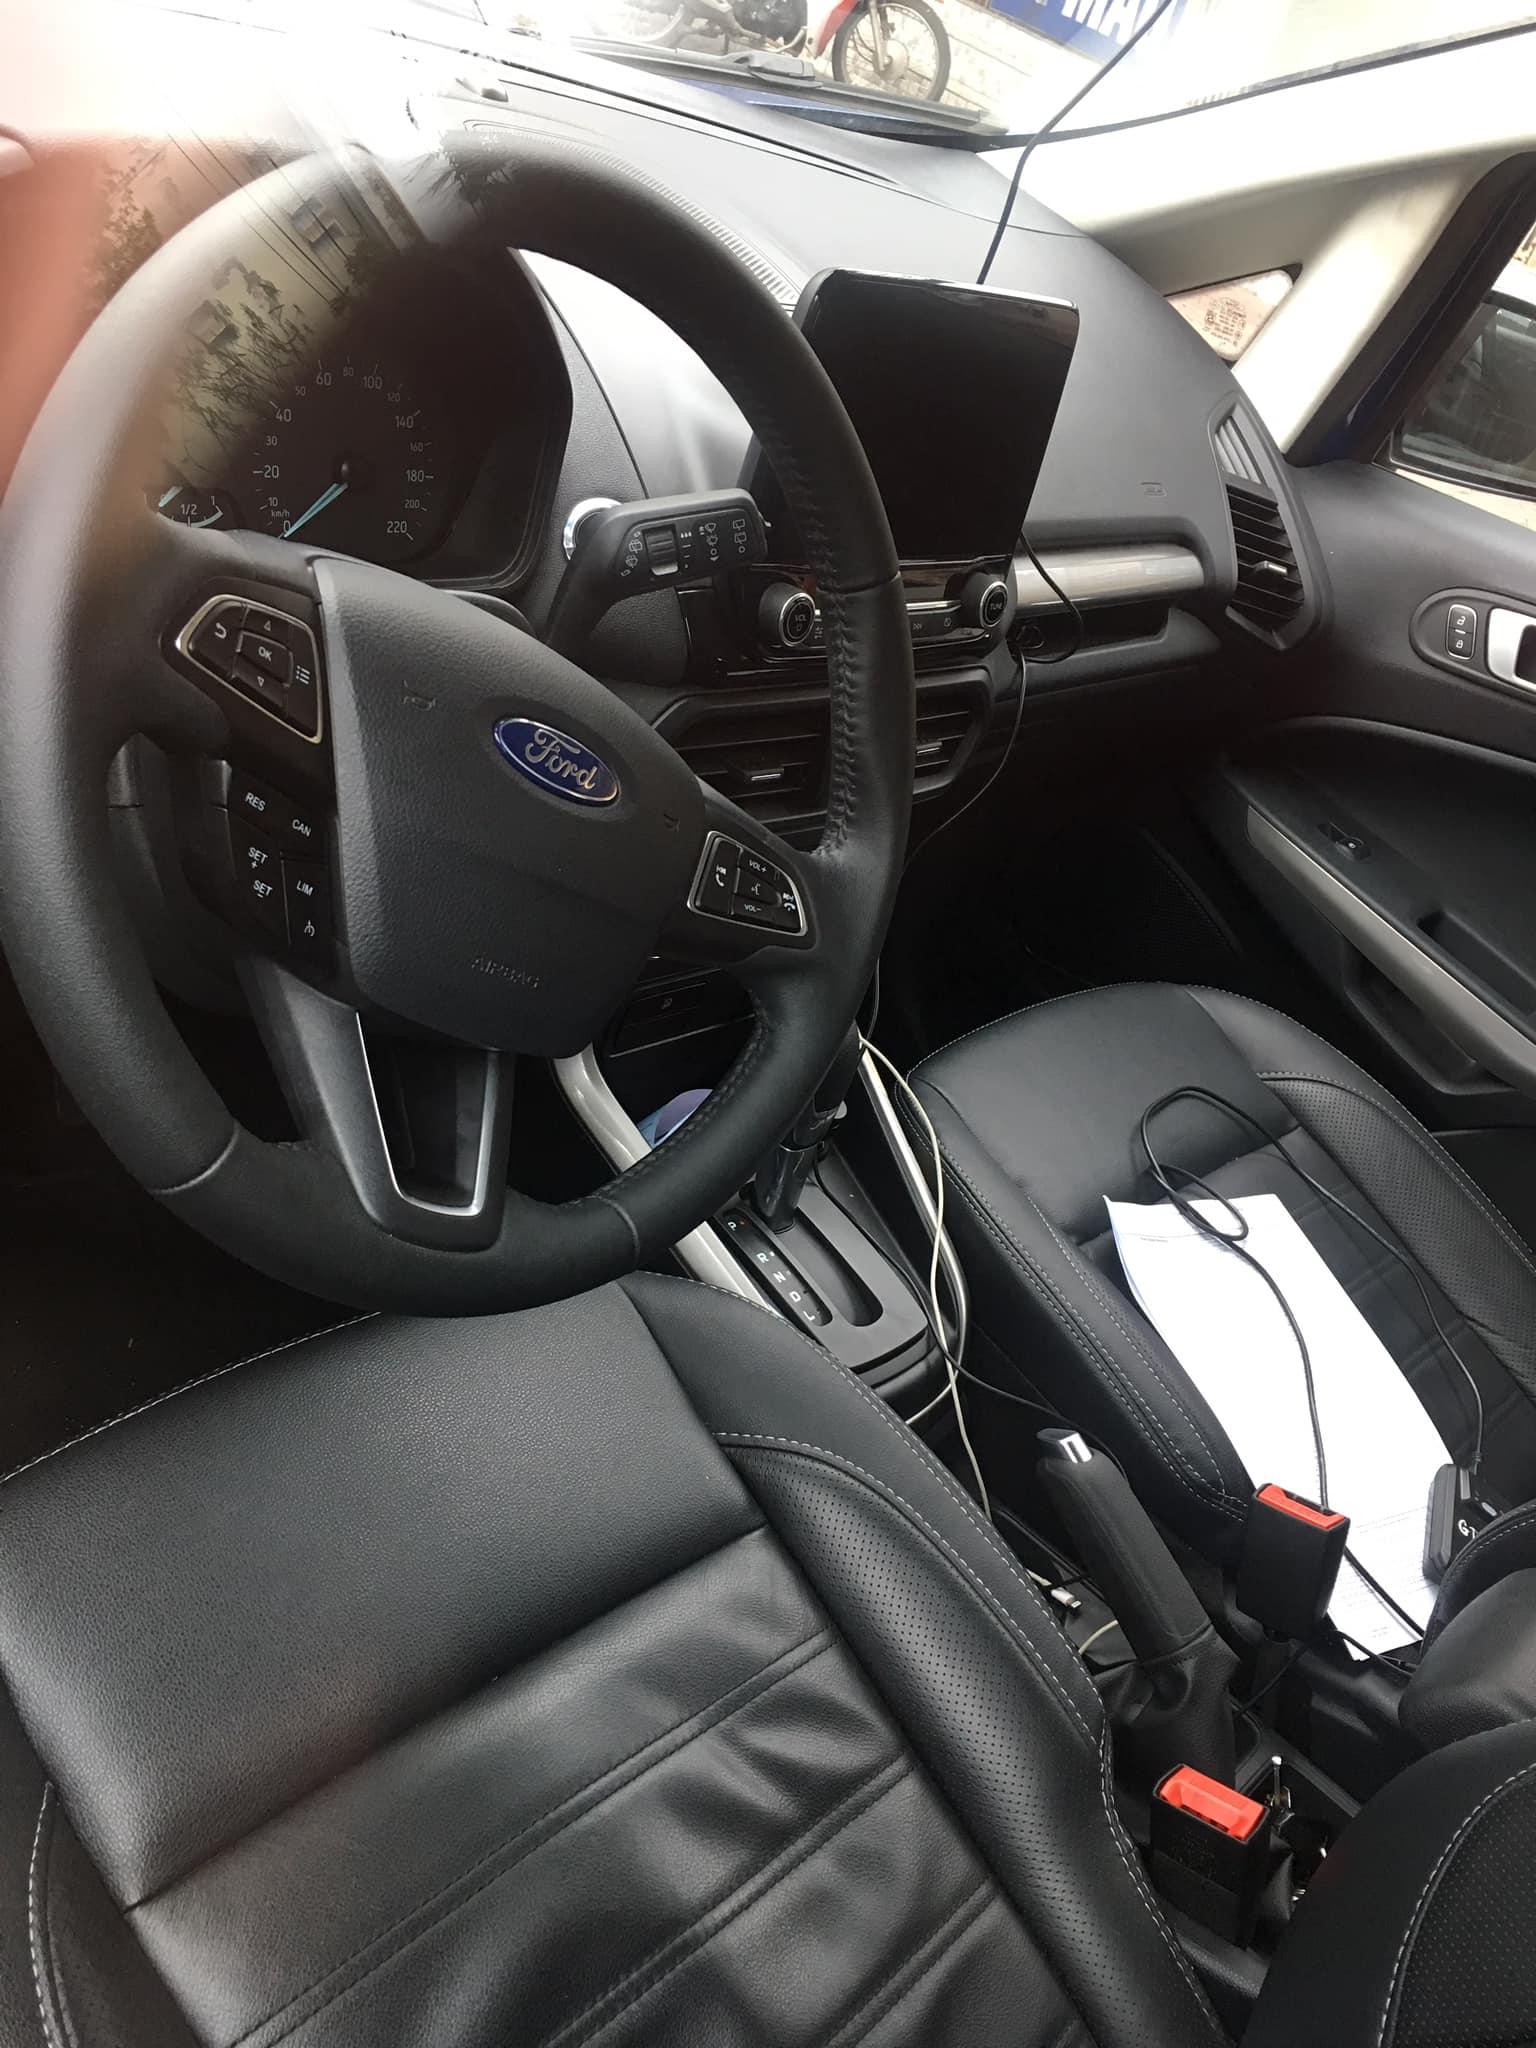 Lộ diện Ford Ecosport mới tại Việt Nam, không có bánh dự phòng - 3